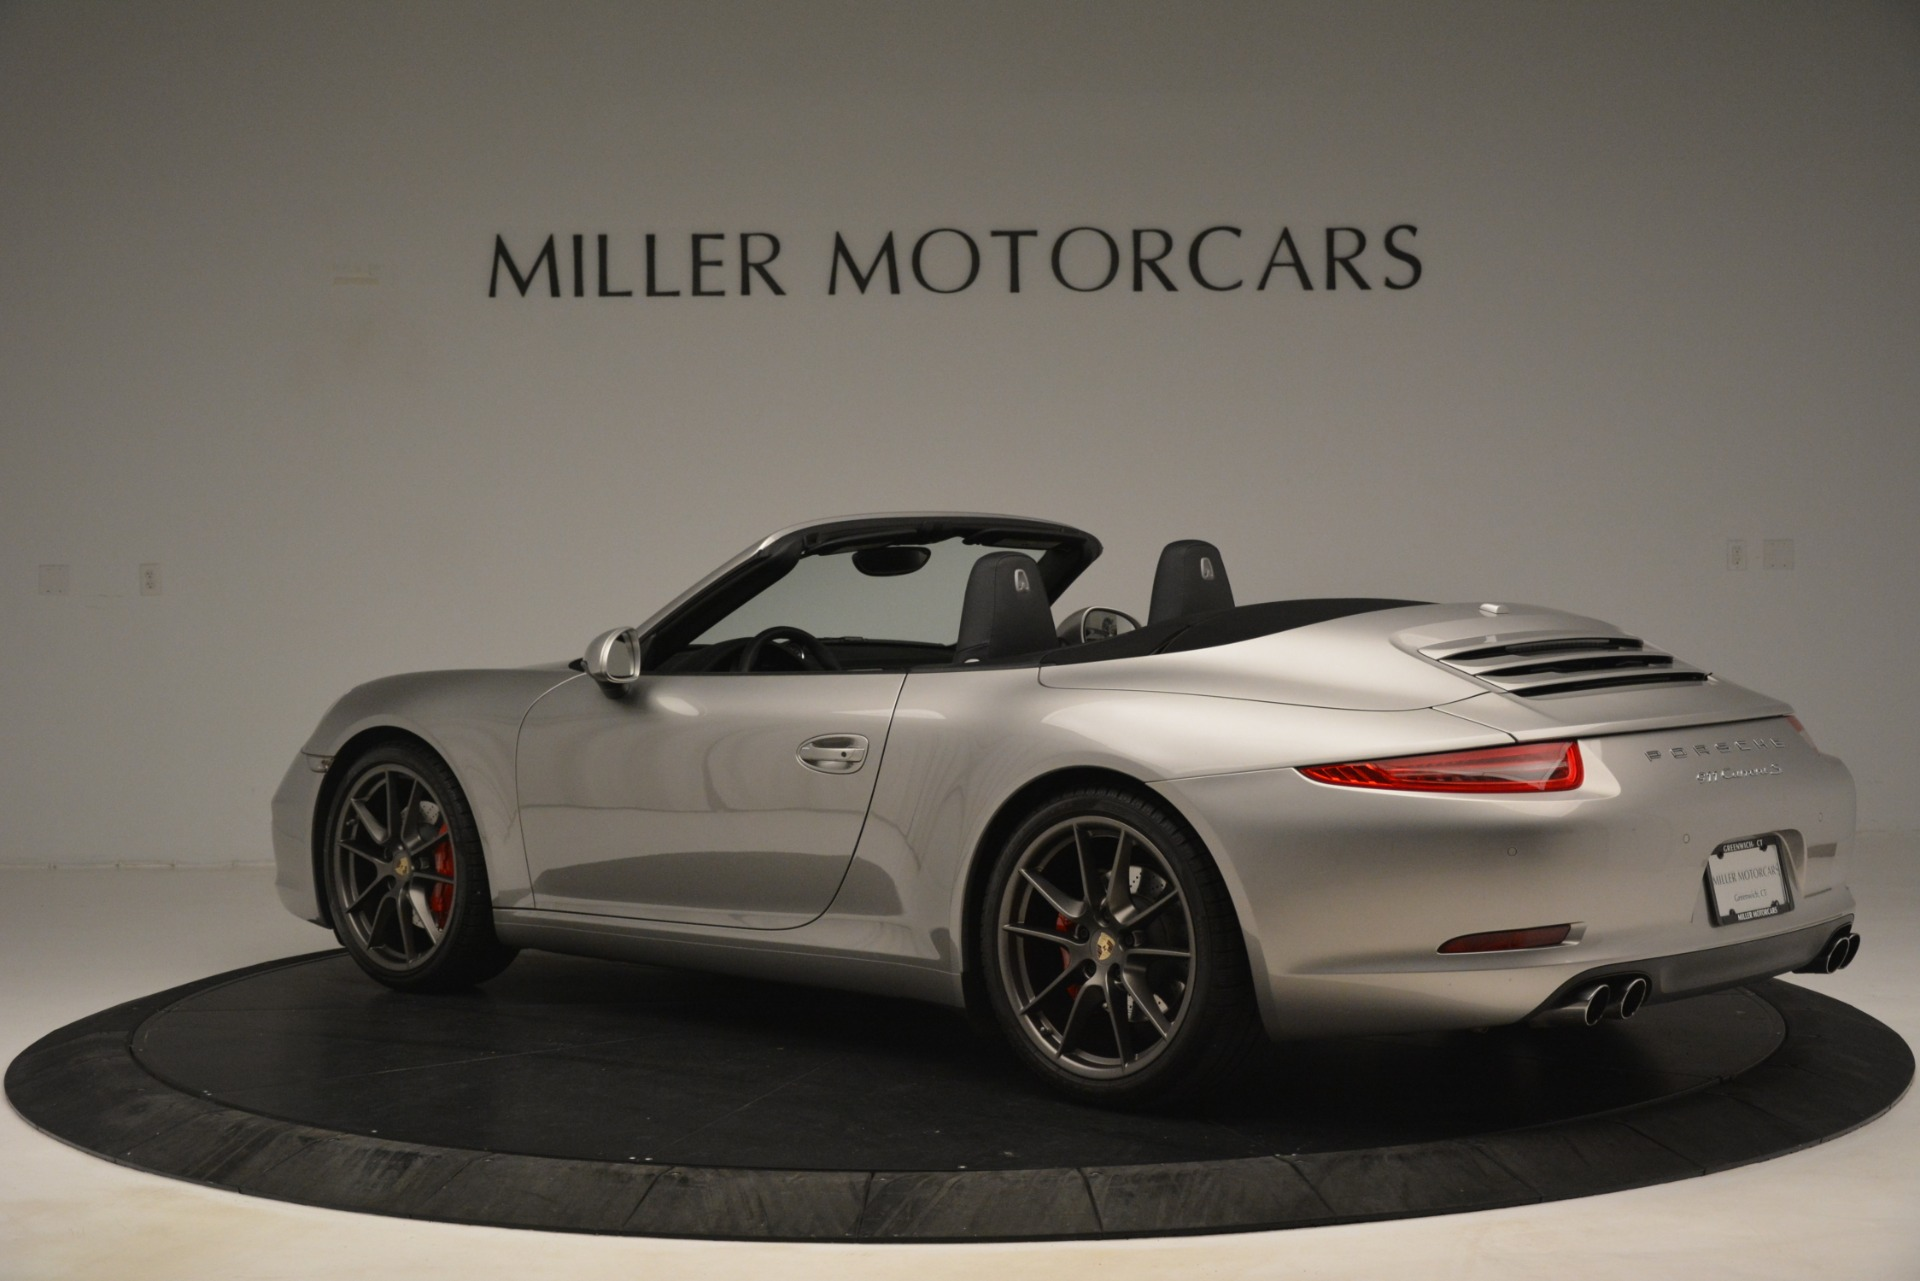 Used 2013 Porsche 911 Carrera S For Sale In Greenwich, CT 3107_p4